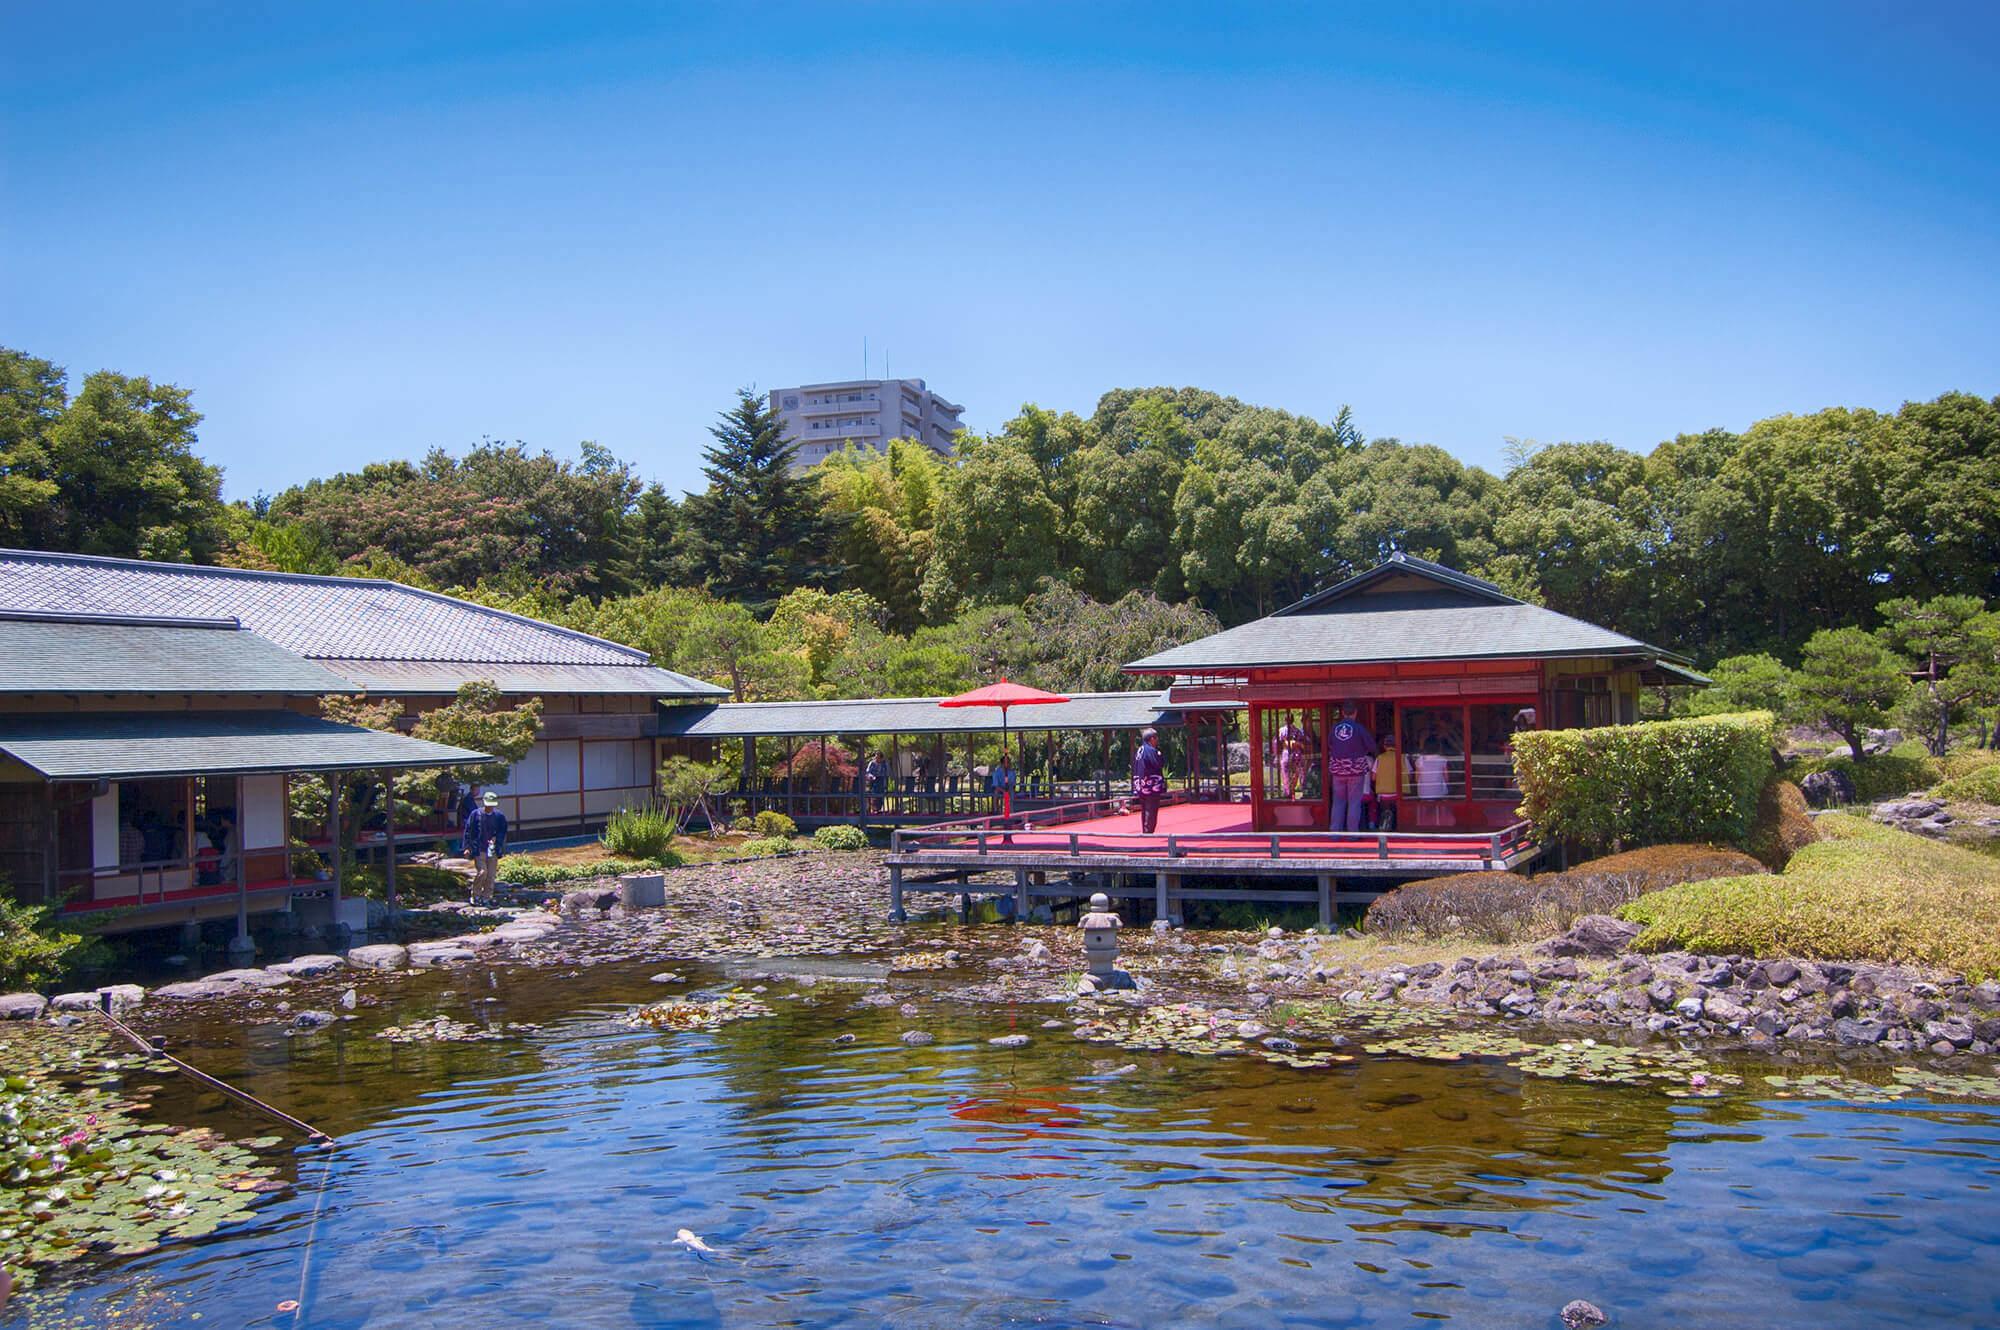 Seiu-tei in Shirotori Garden